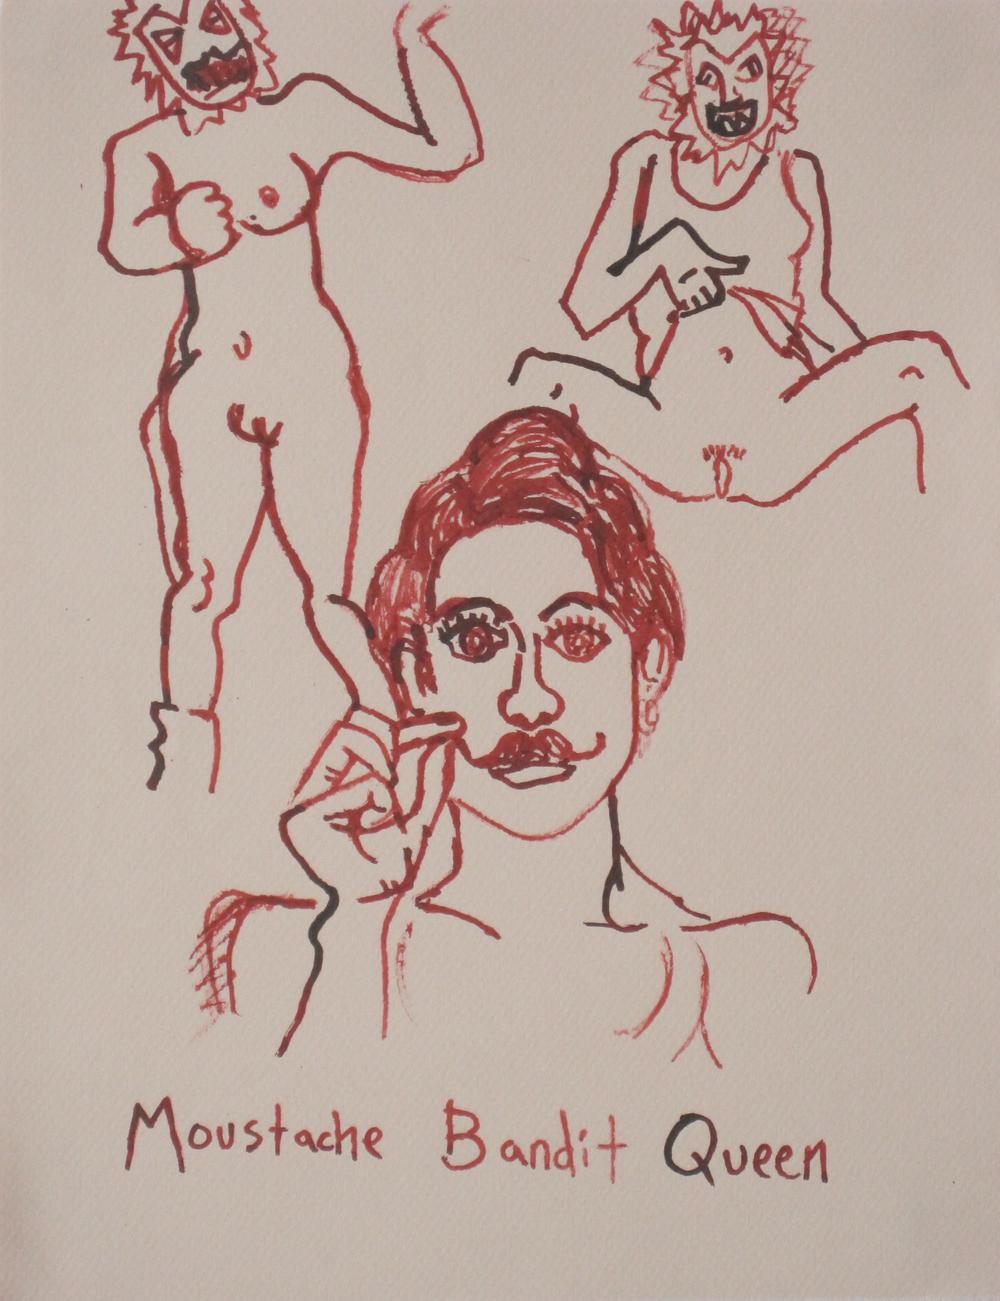 Mustache Bandit Queen